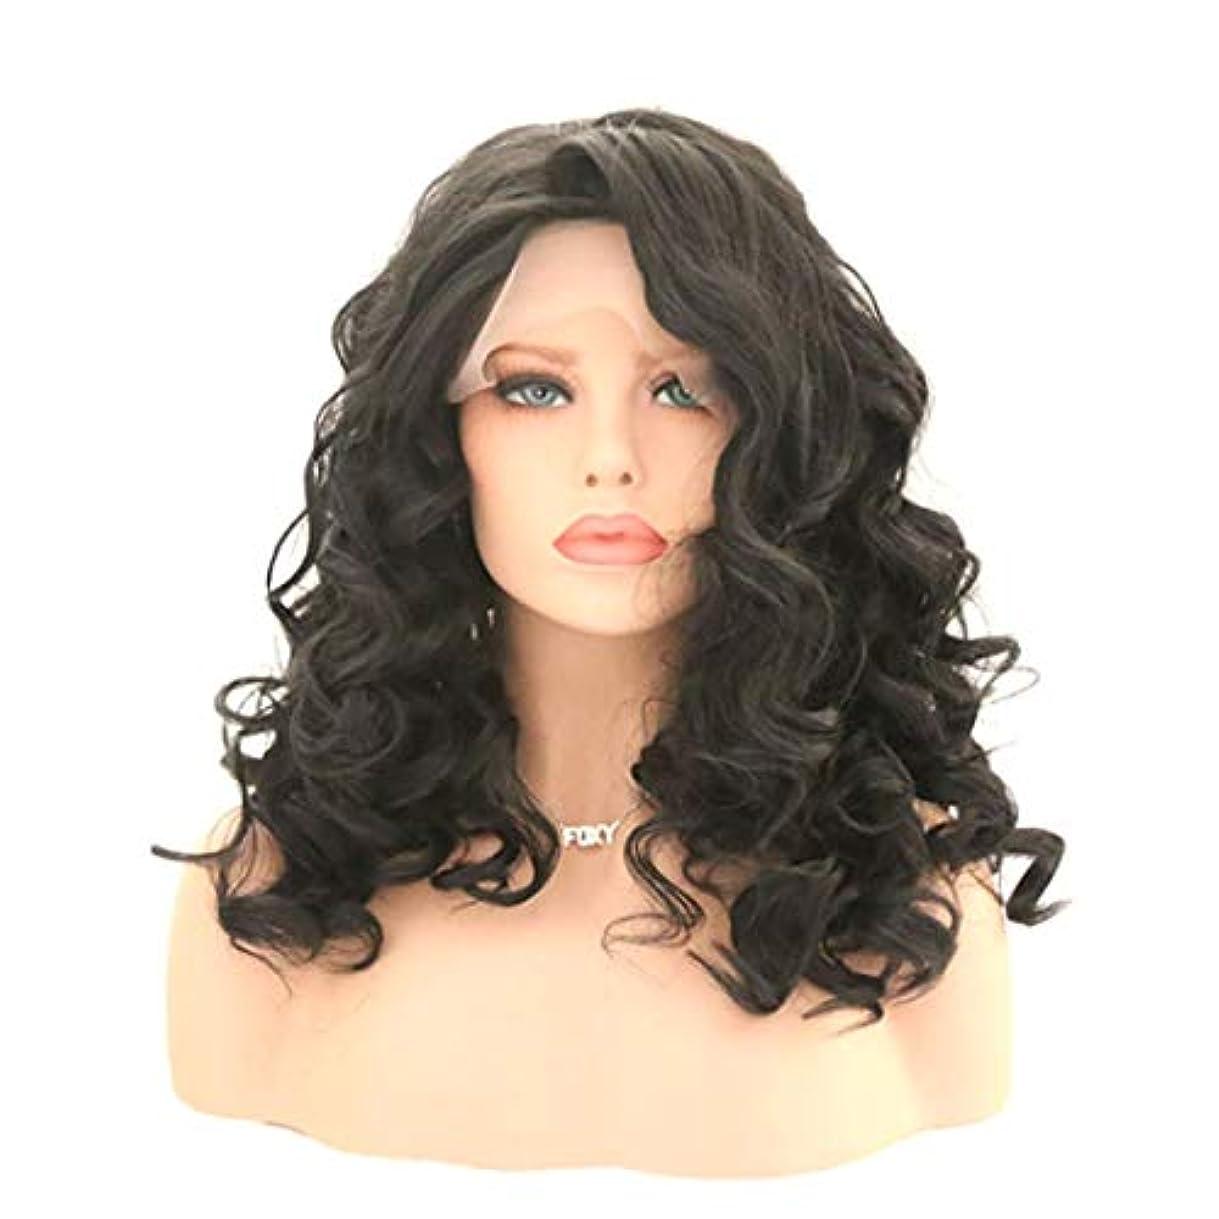 保証寺院禁輸Kerwinner 女性のためのカーリー波状かつら前髪付きかつら人工毛髪かつら自然なかつら (Size : 22 inches)